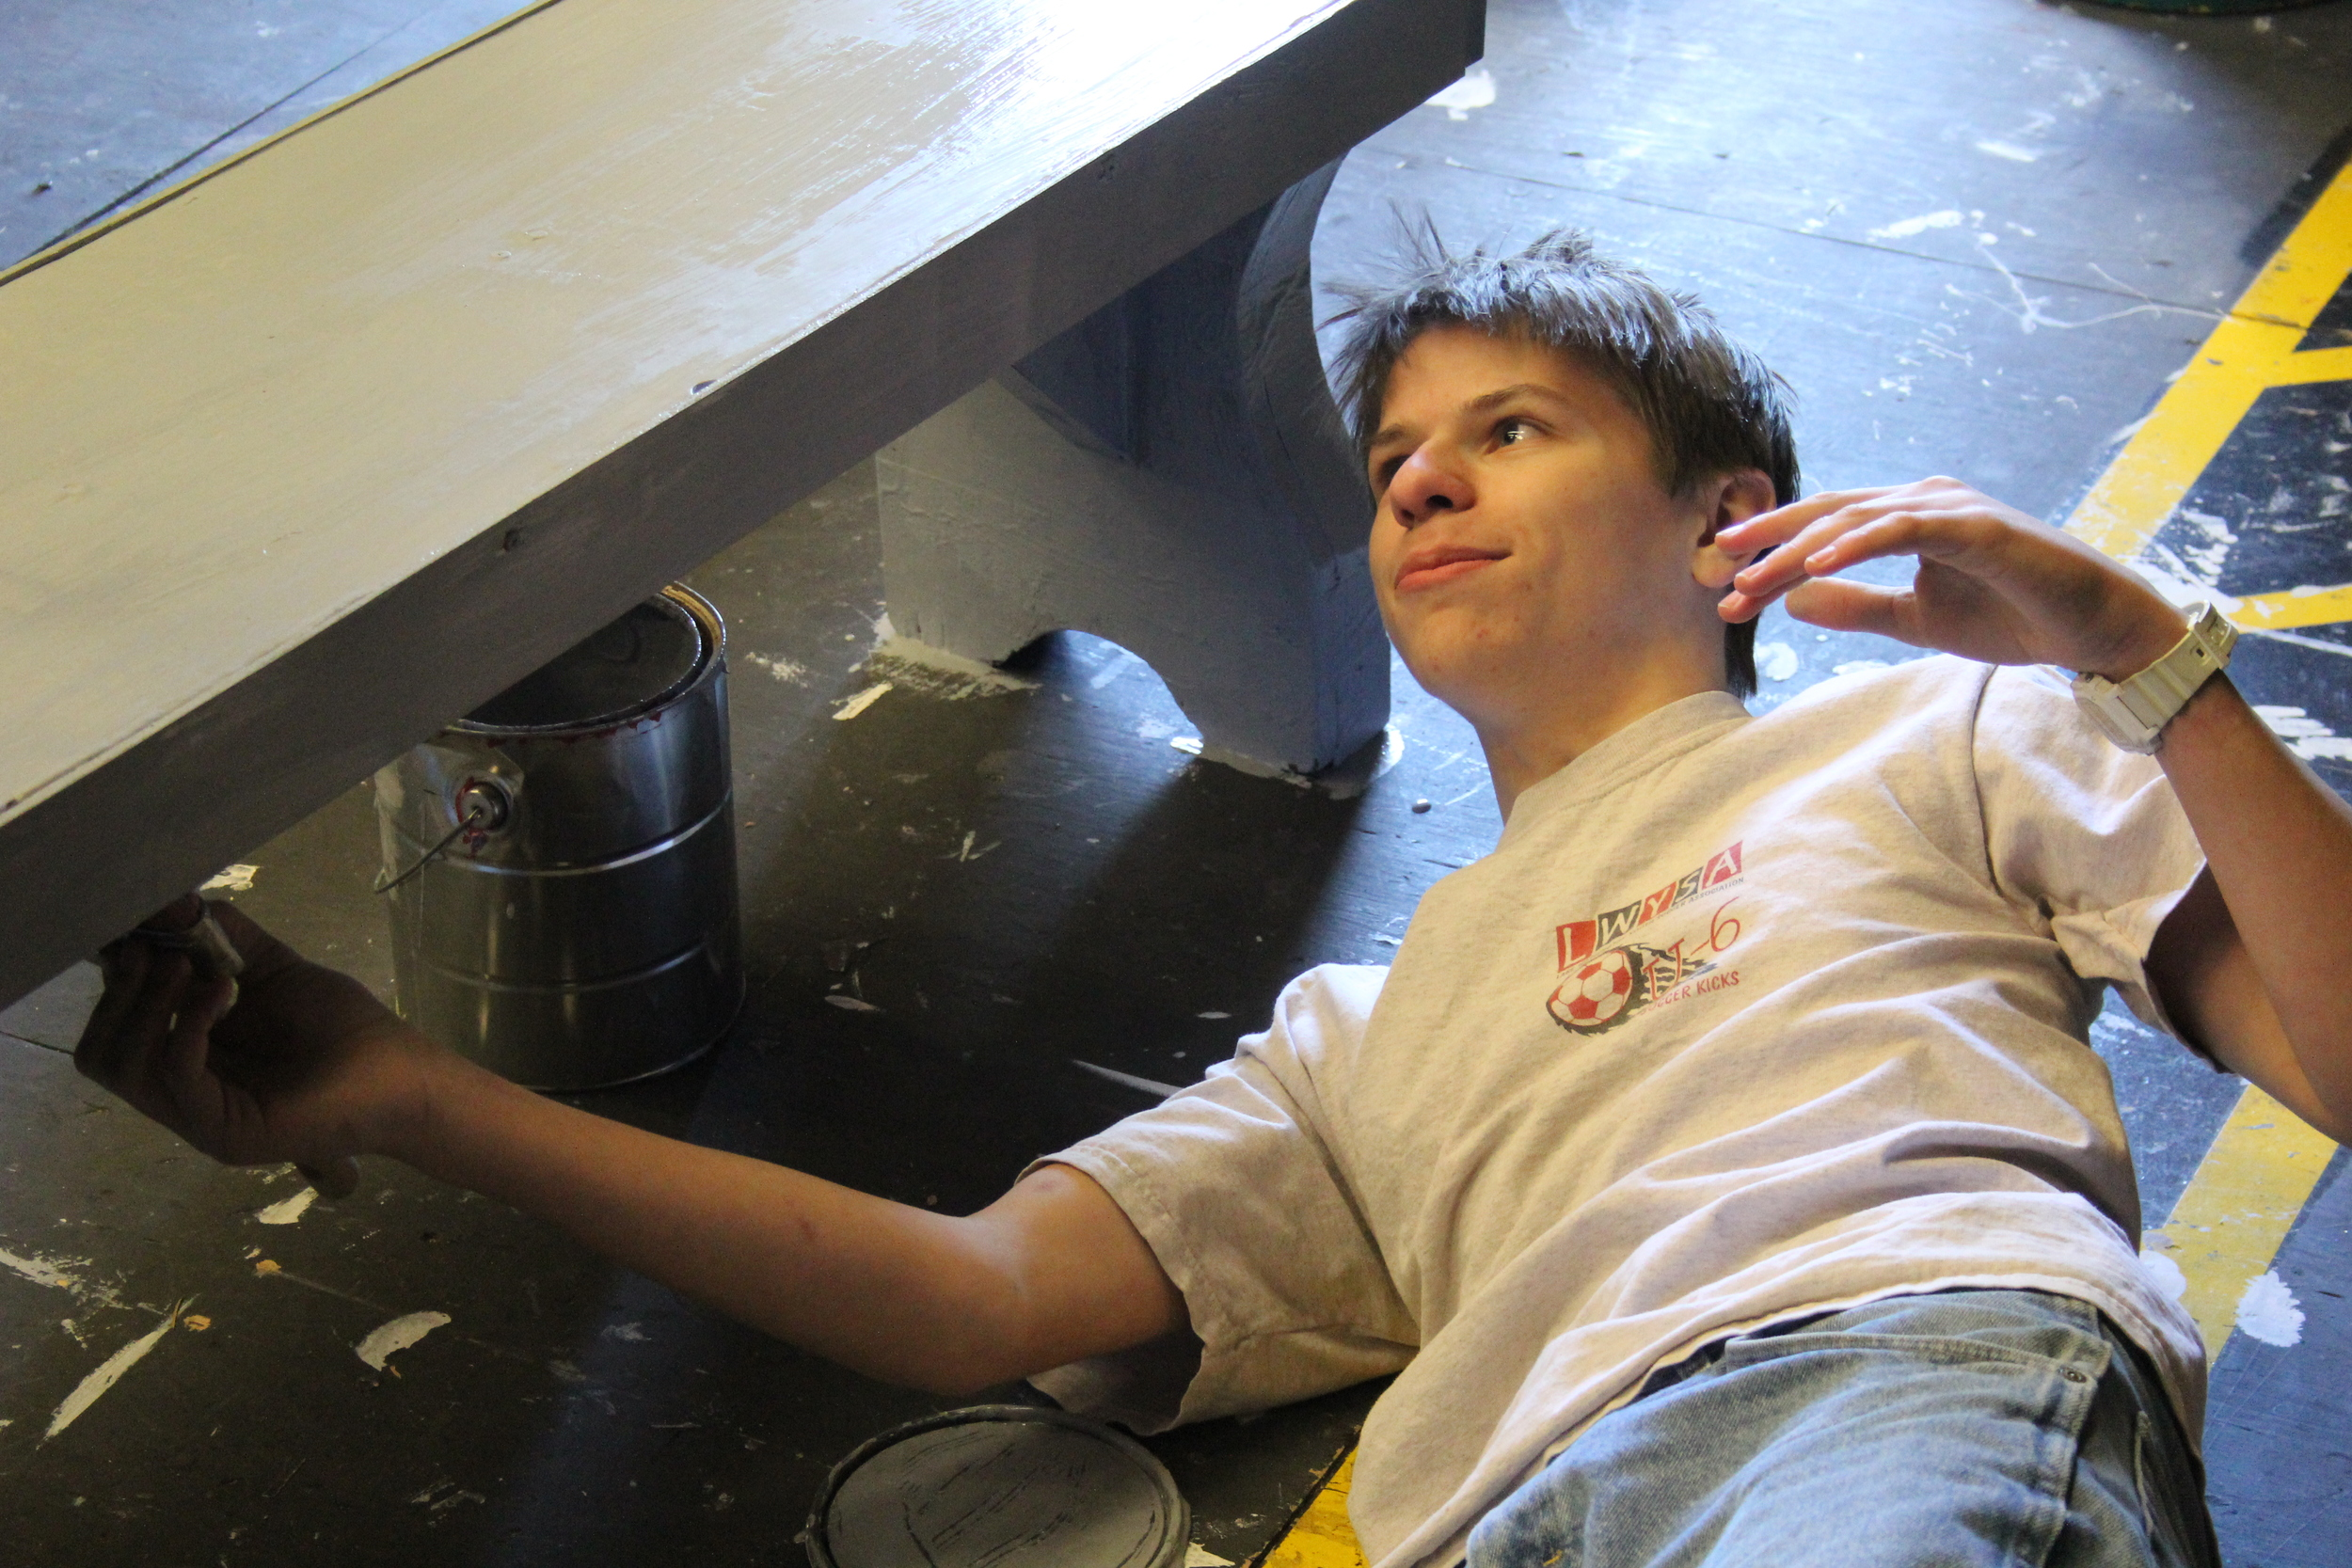 Matt helping paint sets.